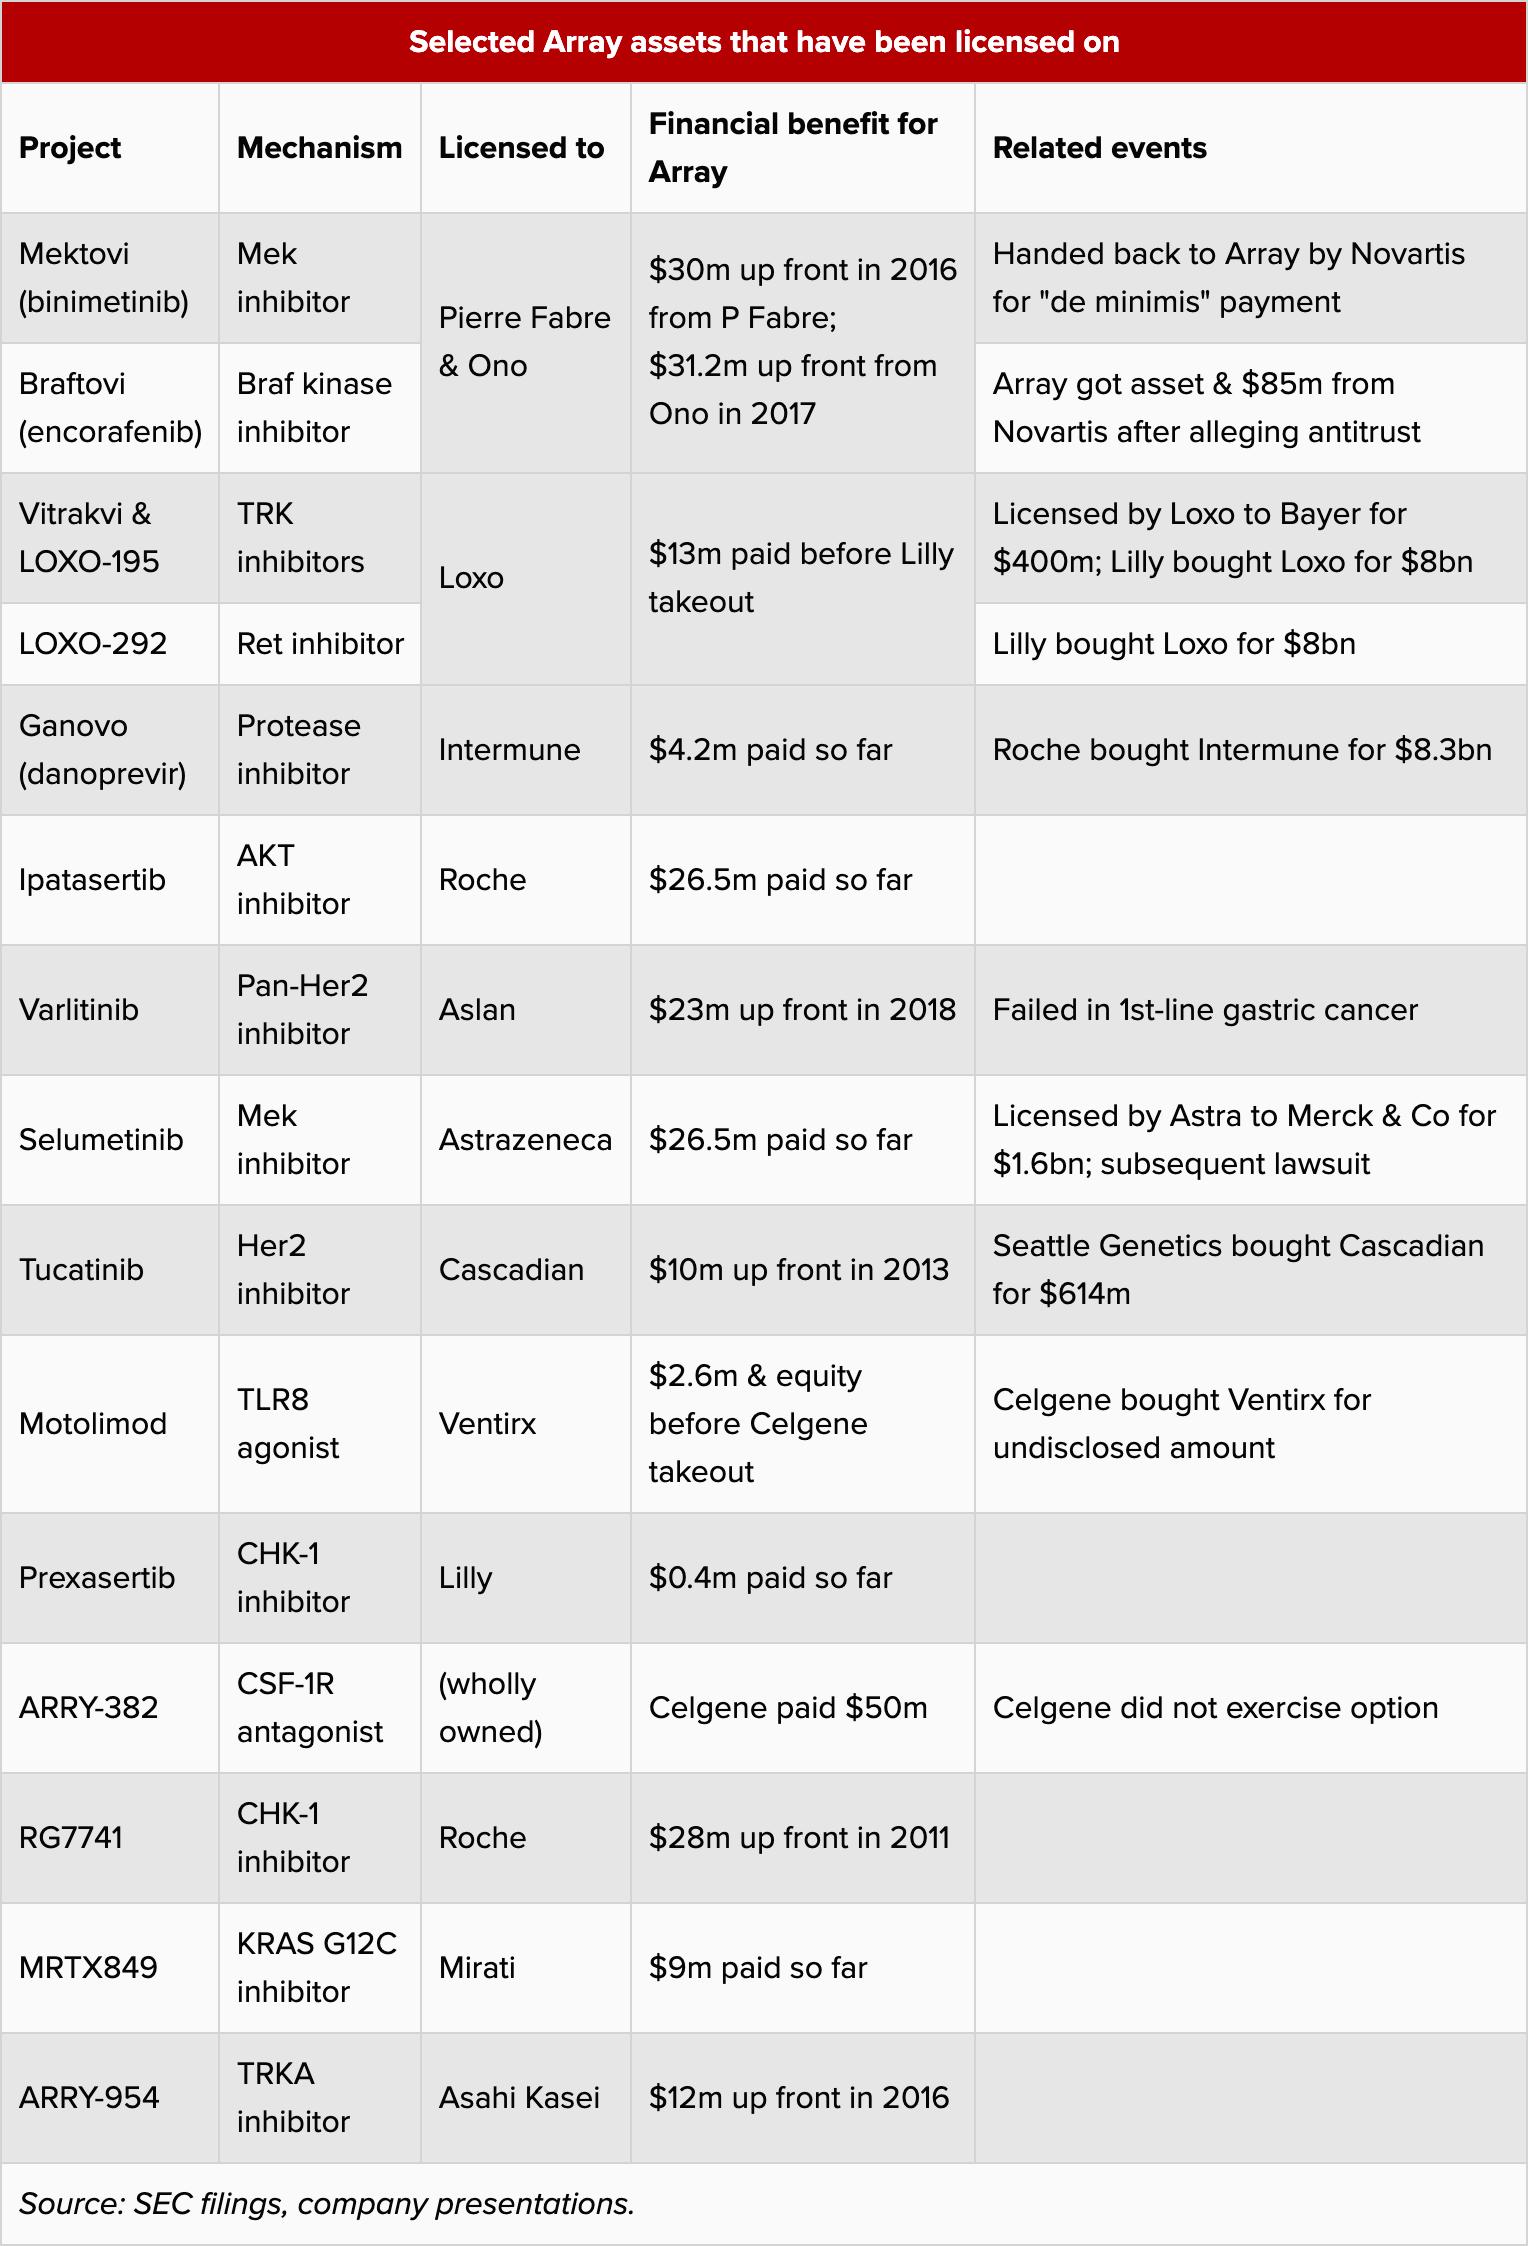 selected array assets that have been licensed on - Метастатический колоректальный рак: таргетное лечение без химиопрепаратов